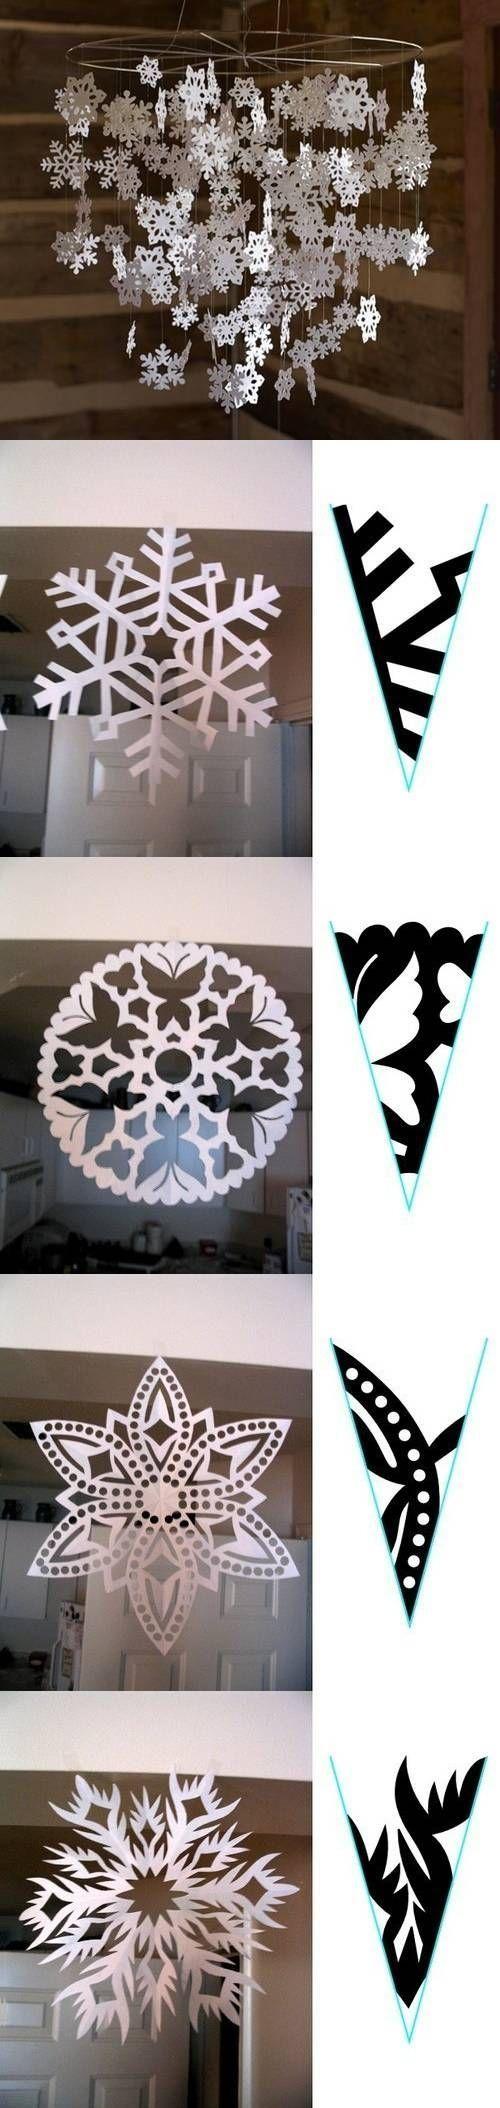 Cuelga de una corona copos de nieve hechos de papel. UNa bonita ...